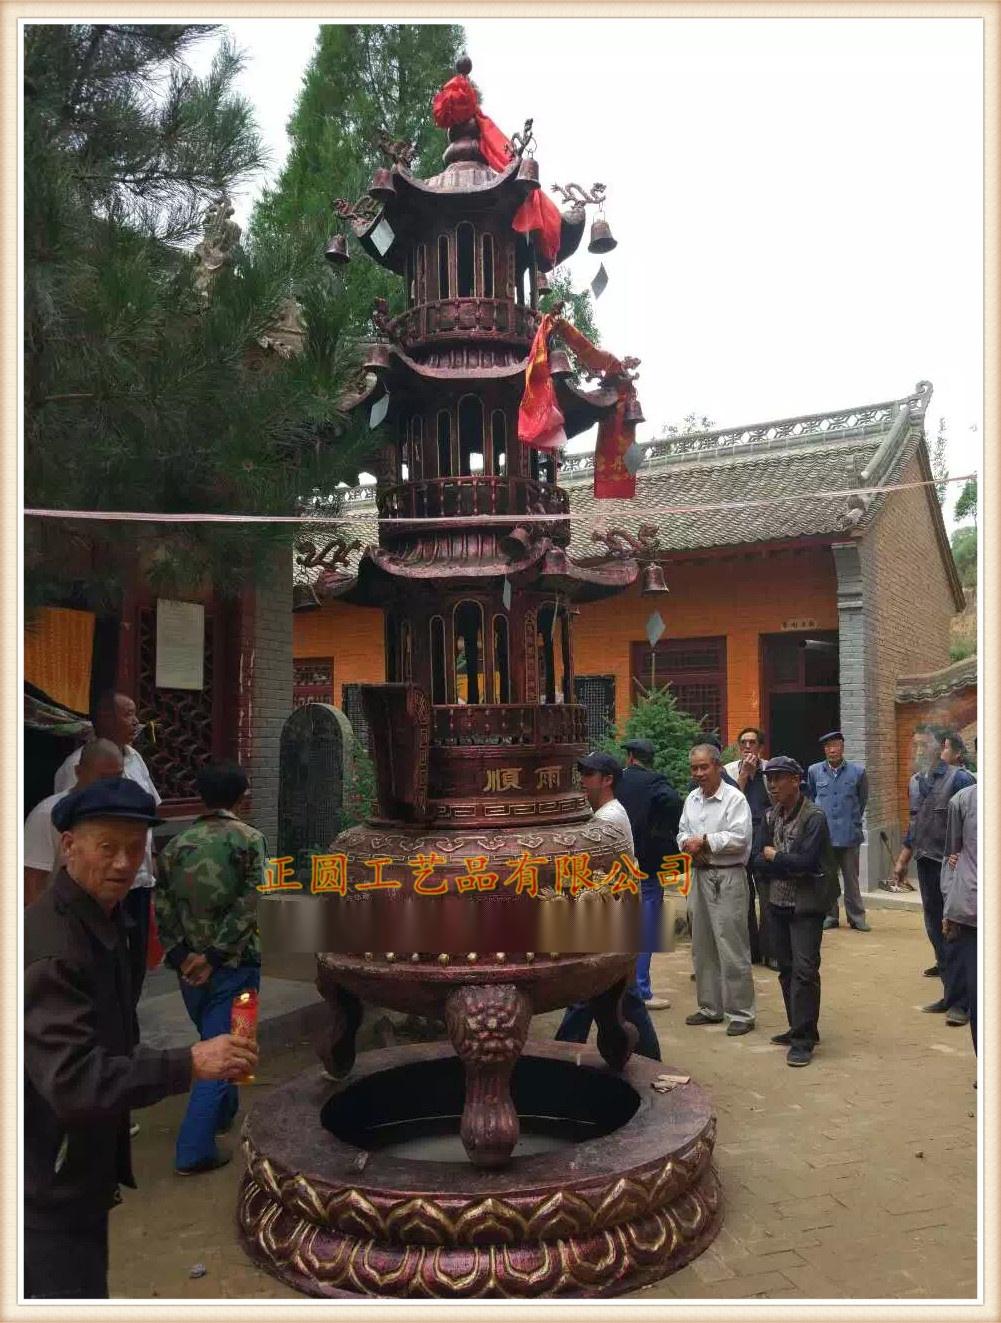 苍南瑞盛工艺厂 1184